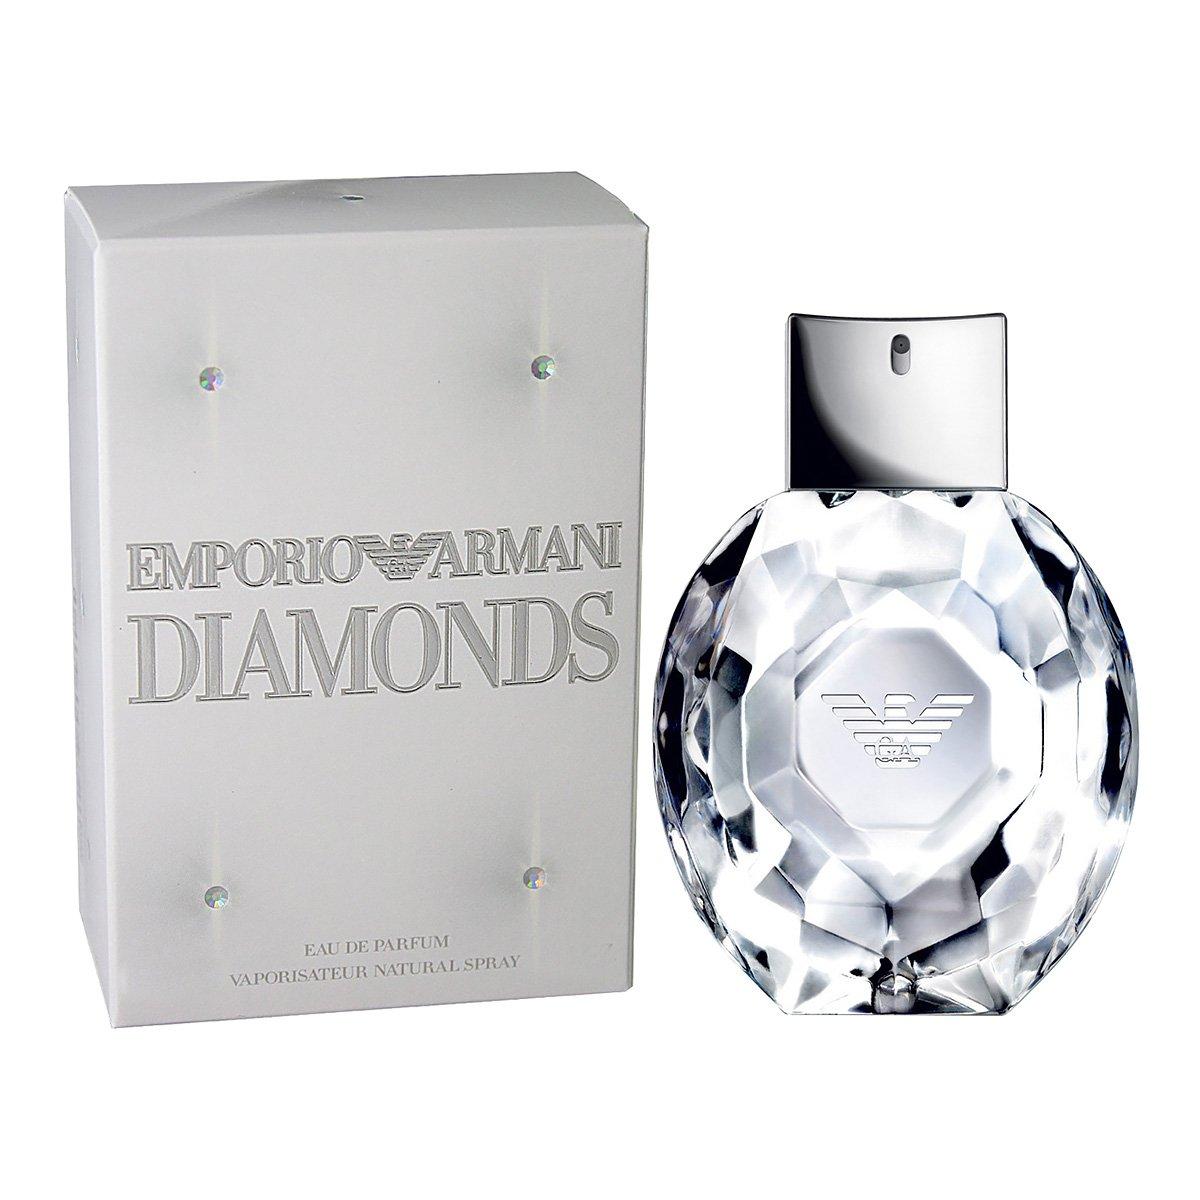 Giorgio Armani Emporio Armani Diamonds Eau De Parfum купить в минске